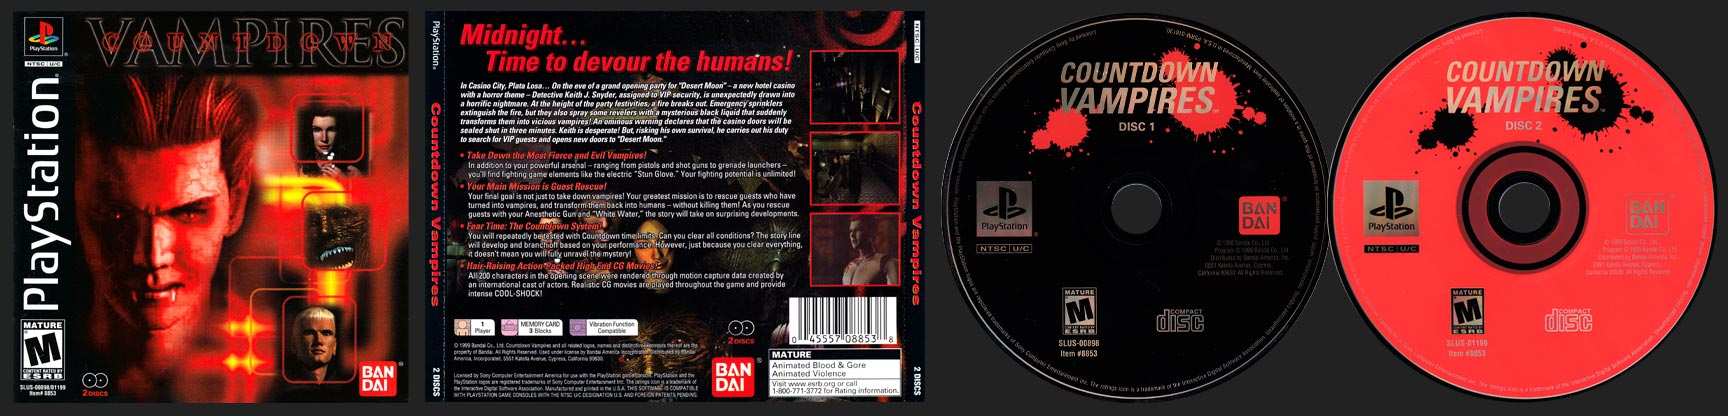 PlayStation Countdown Vampires